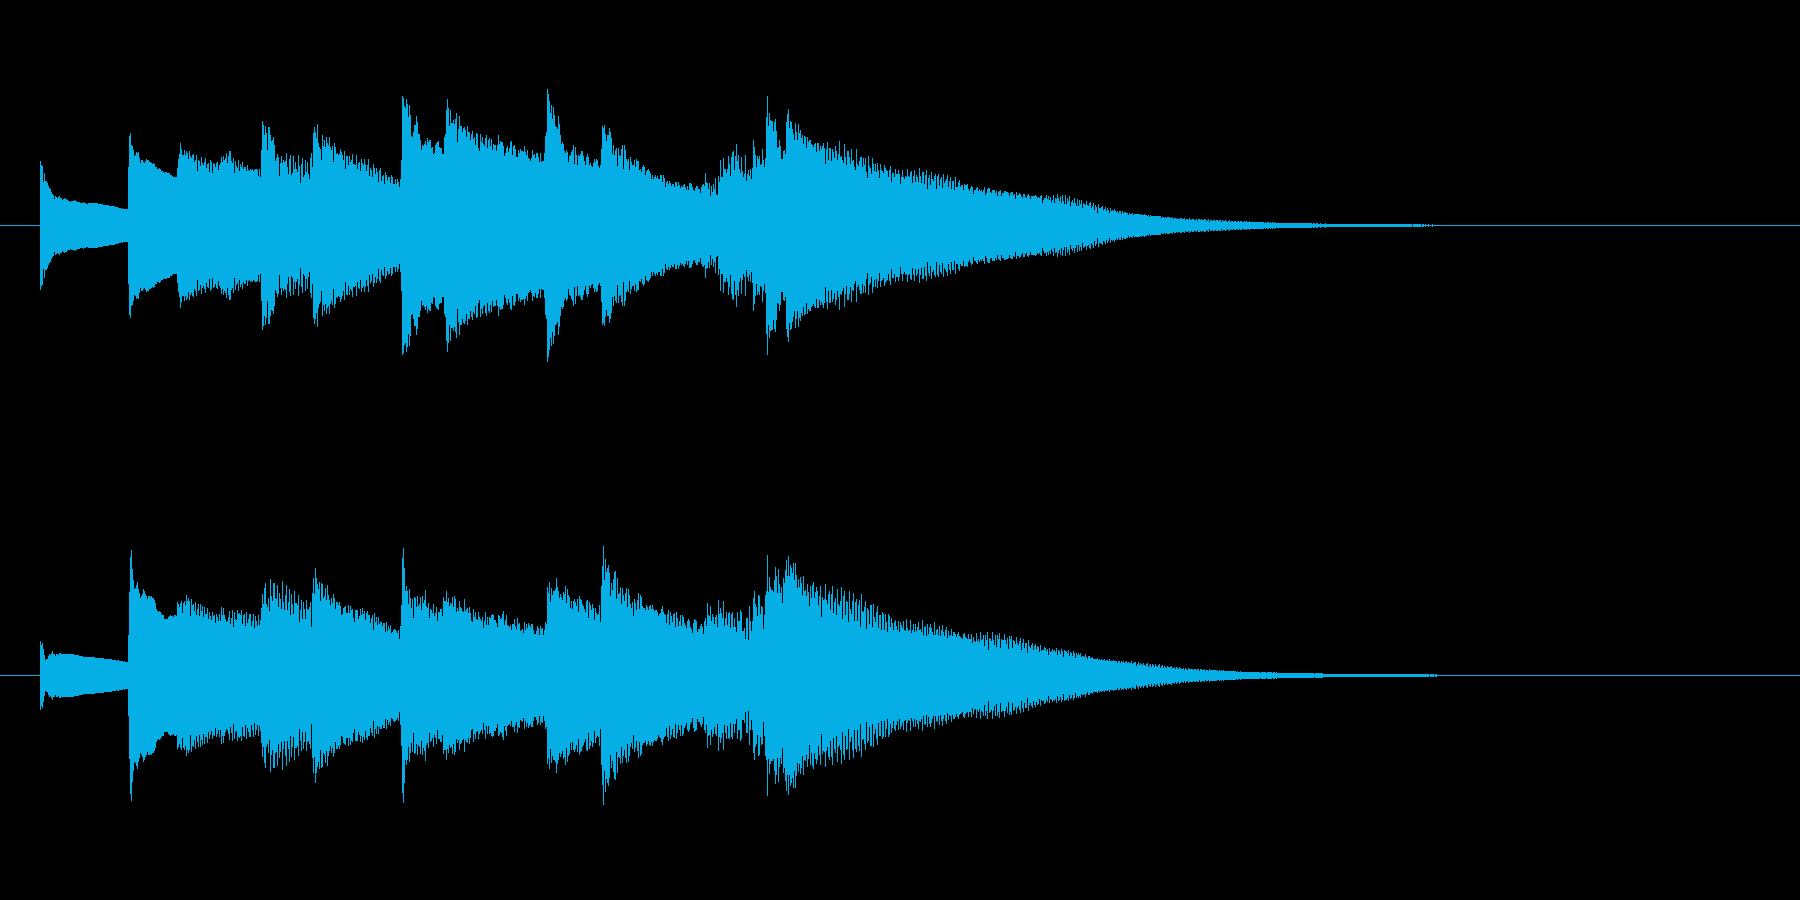 オルゴールのアイキャッチ(短調、寂しい)の再生済みの波形